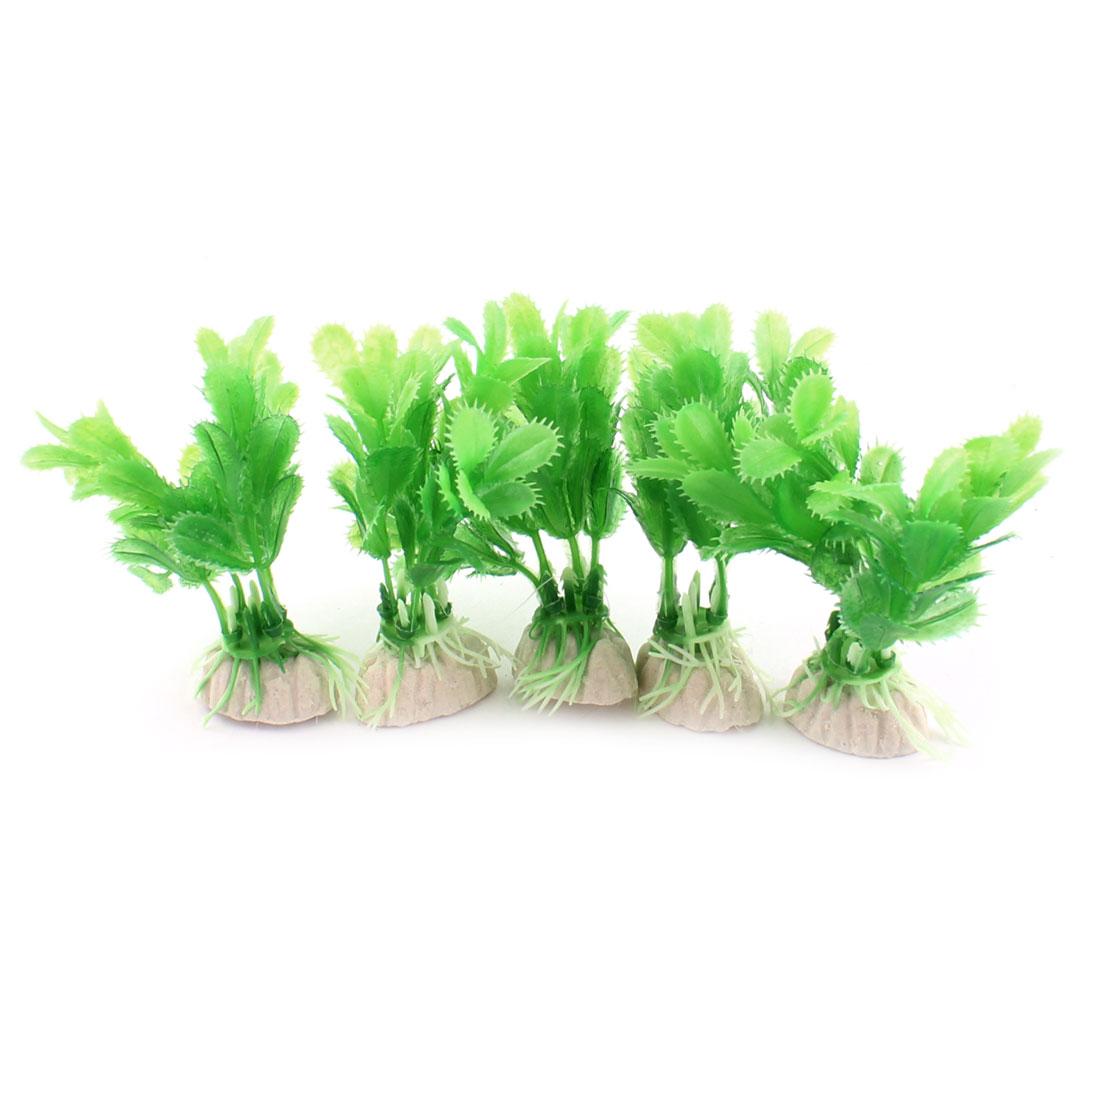 """5 Pcs Aquarium Underwater Landscaping Plastic Artificial Plant Decor Green 3.5"""" Height"""